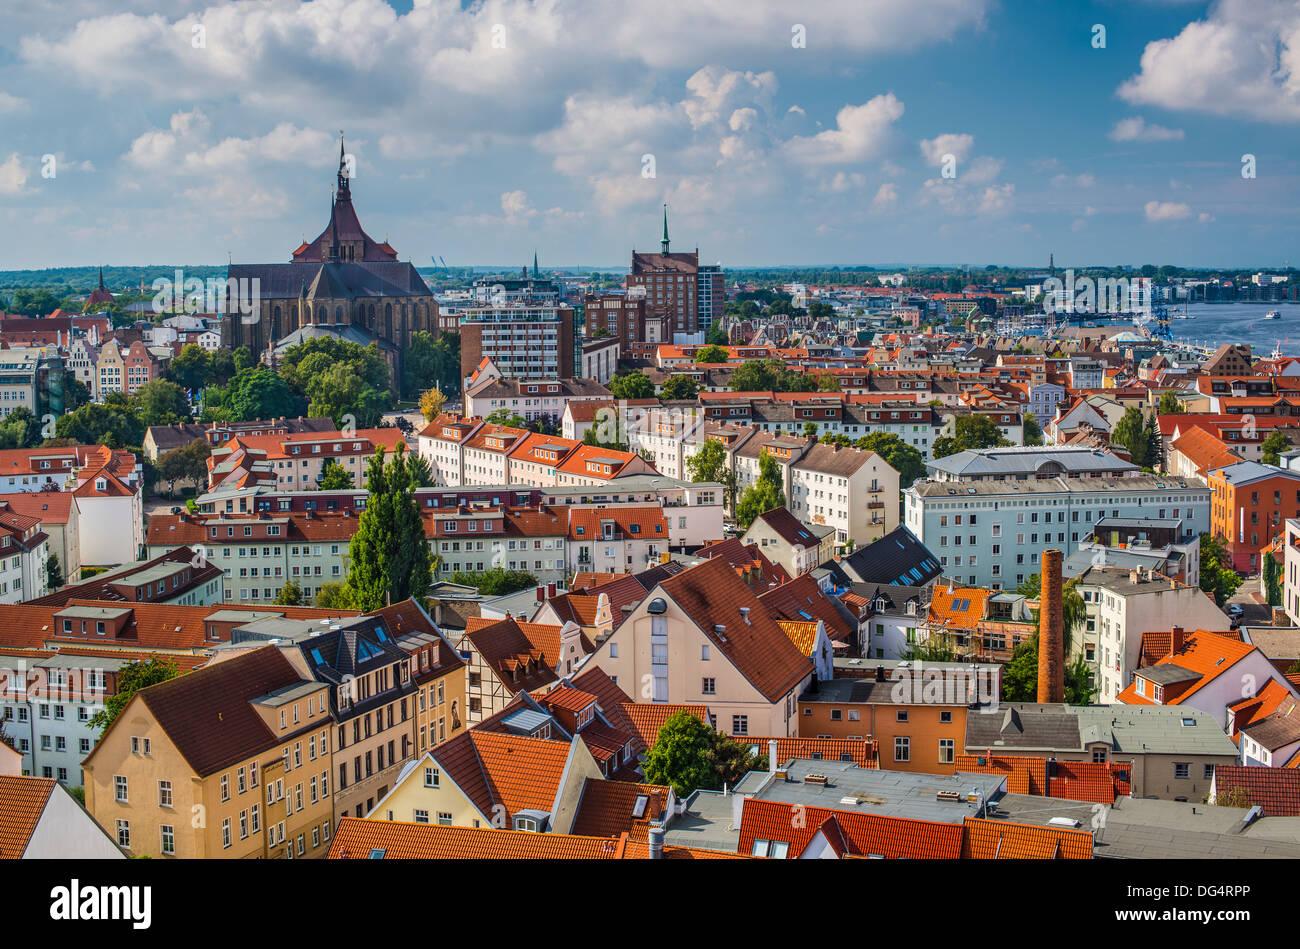 Rostock, Allemagne sur la ville. Photo Stock